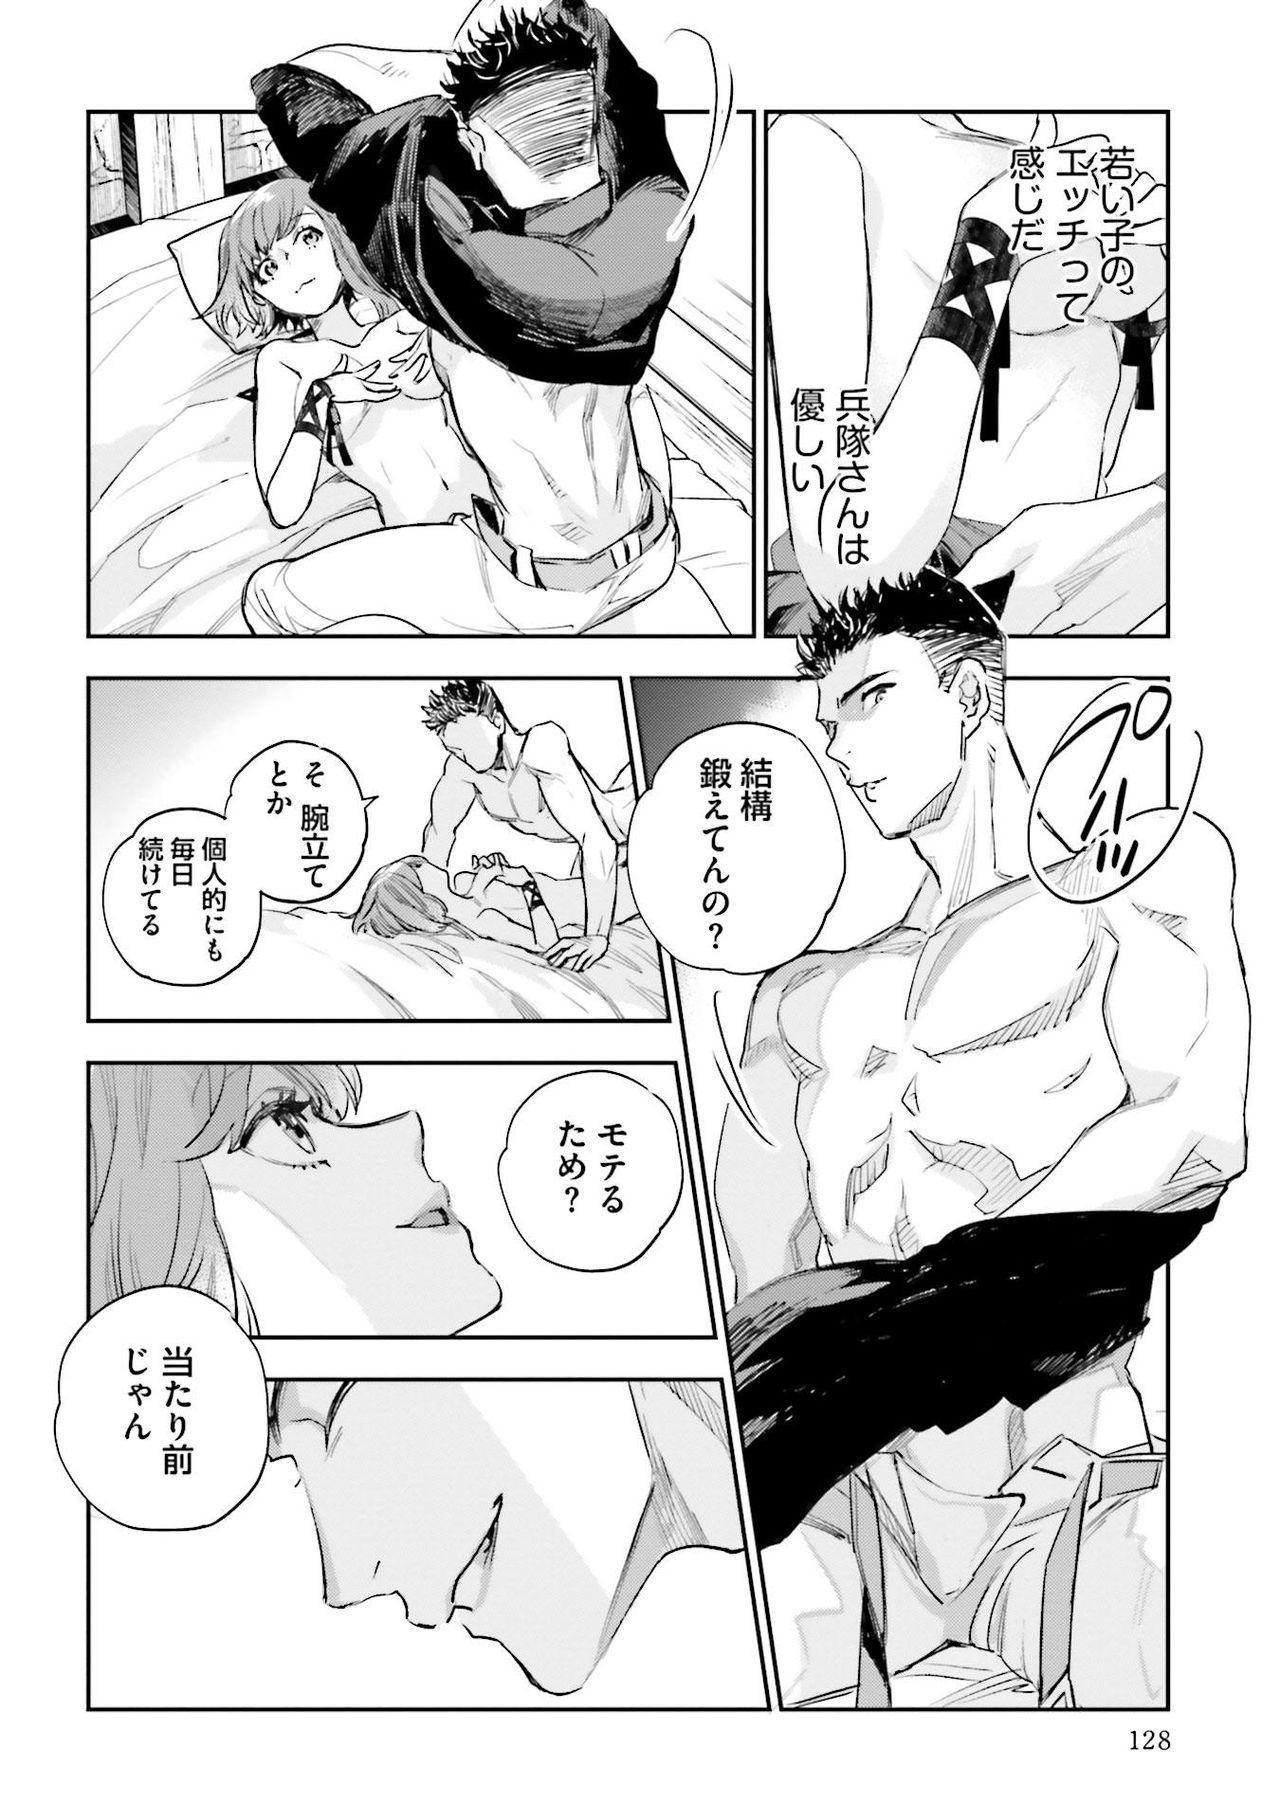 JK Haru wa Isekai de Shoufu ni Natta 1-14 487